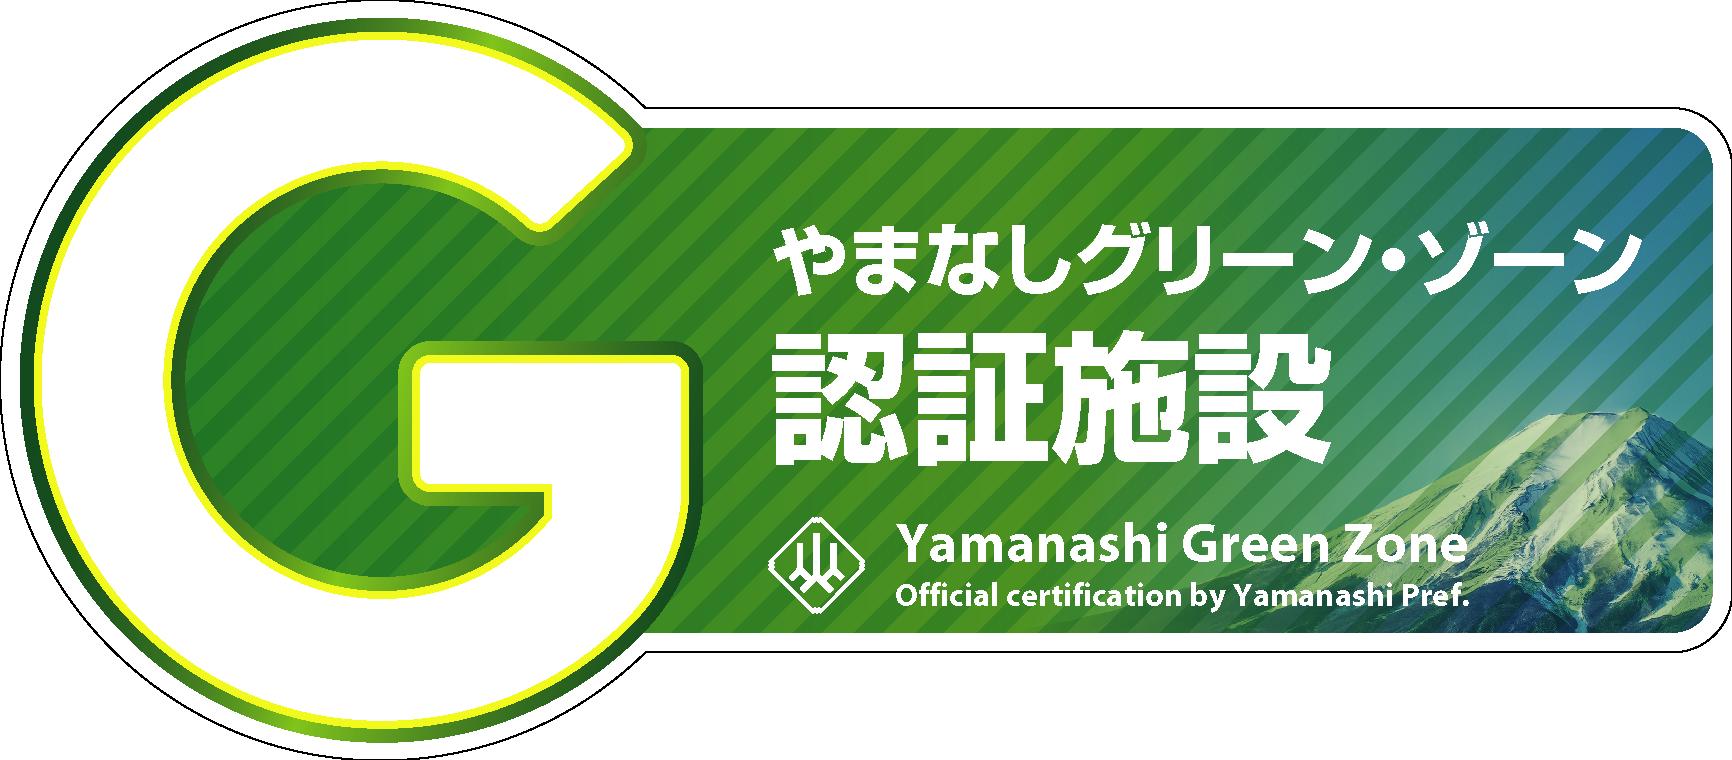 『やまなしグリーンゾーン認証』取得のお知らせ